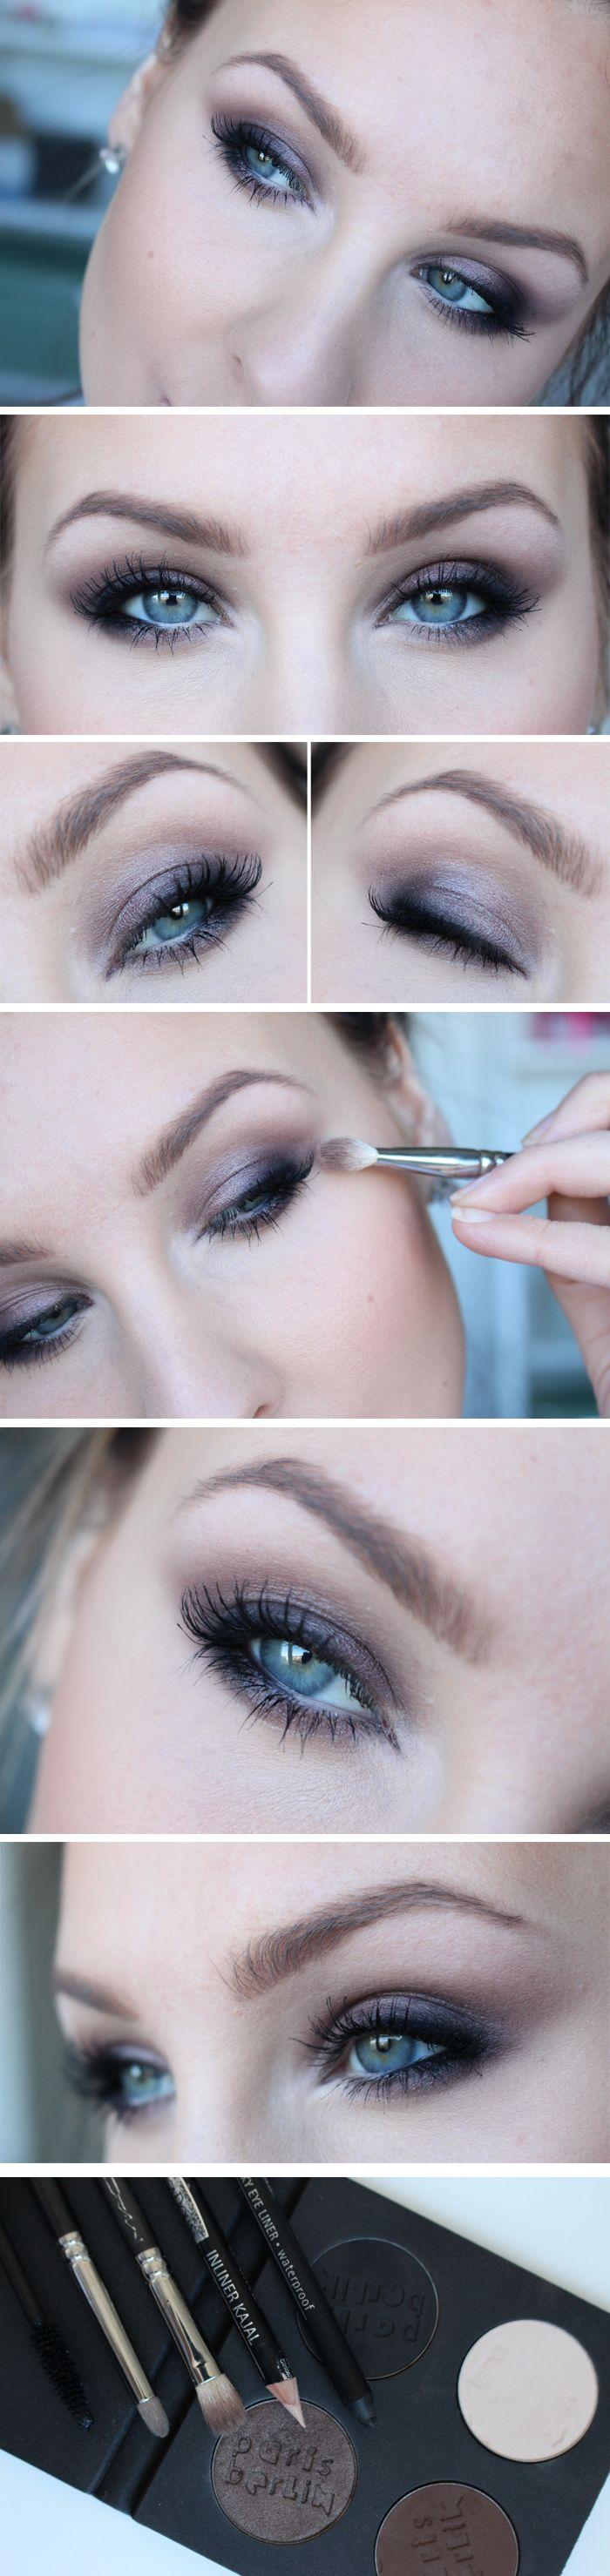 Dagens ögonmakeup & tips – ParisBerlin Shimmery smokey eyes | Helen Torsgården – Hiilens sminkblogg